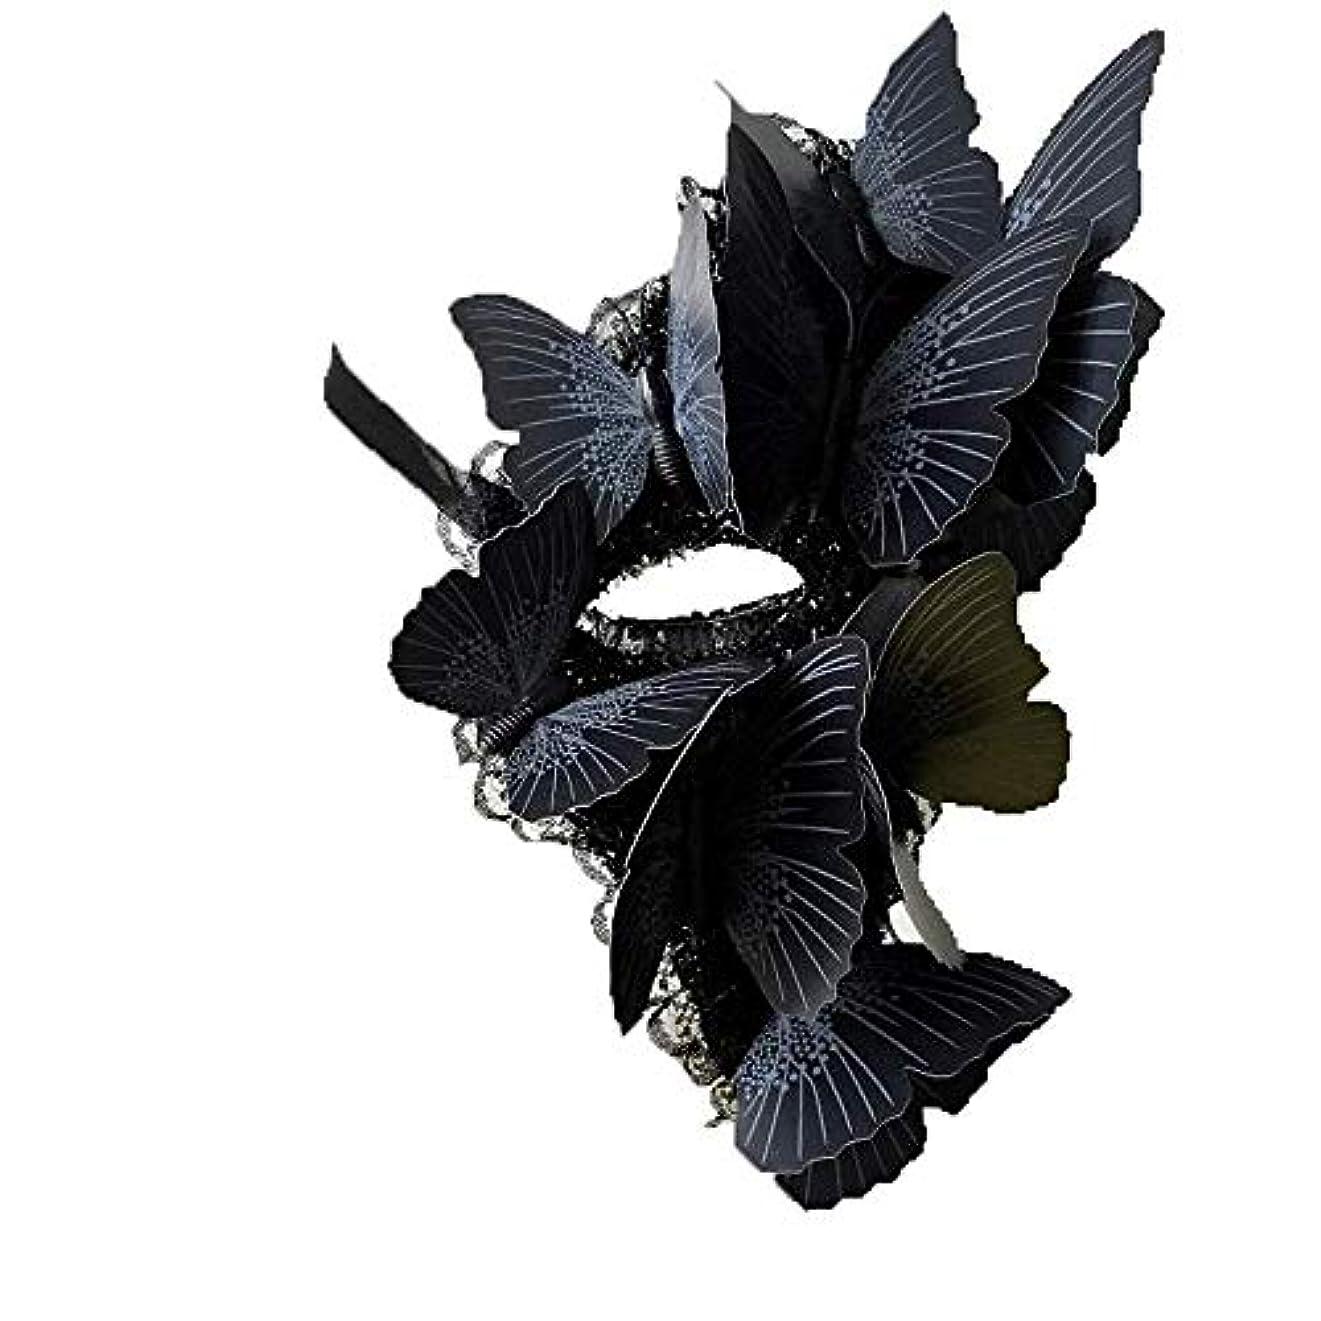 不十分分泌する結紮Nanle ハロウィーンの蝶単眼マスク仮装マスクレディミスプリンセス美しさの祭パーティ装飾 (色 : Style B, サイズ さいず : Right eye)